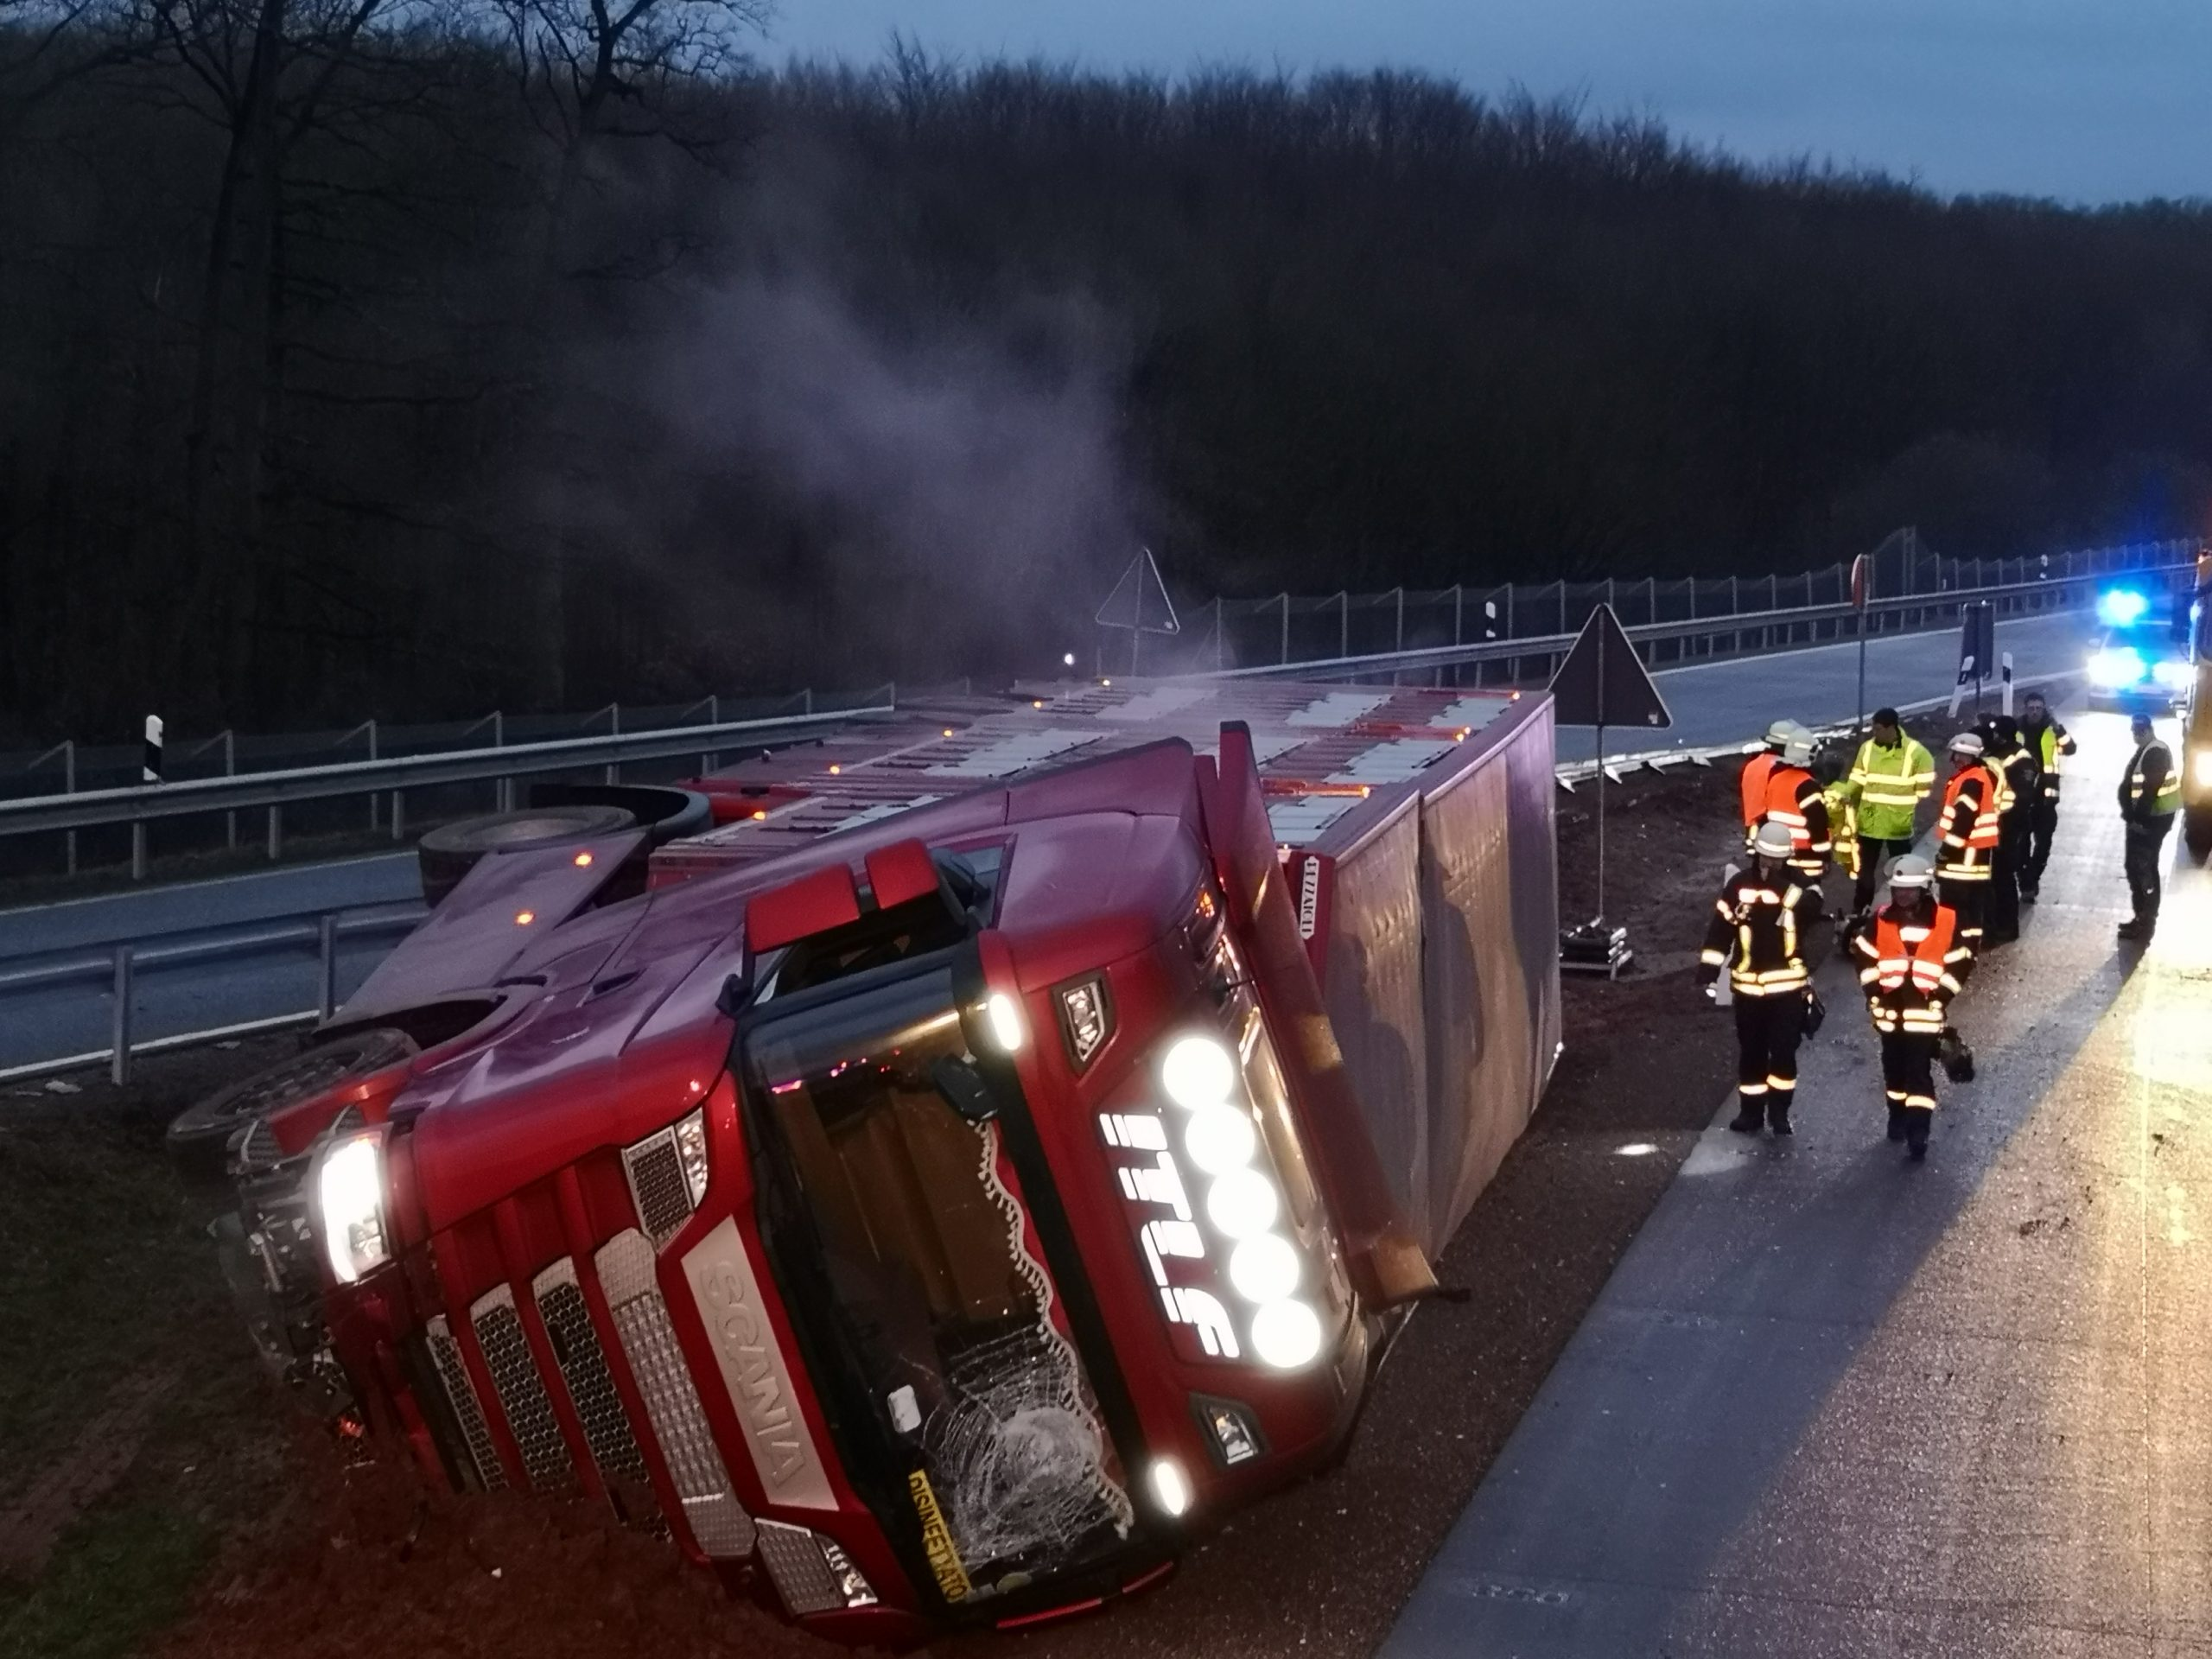 Lkw Unfall Frankreich